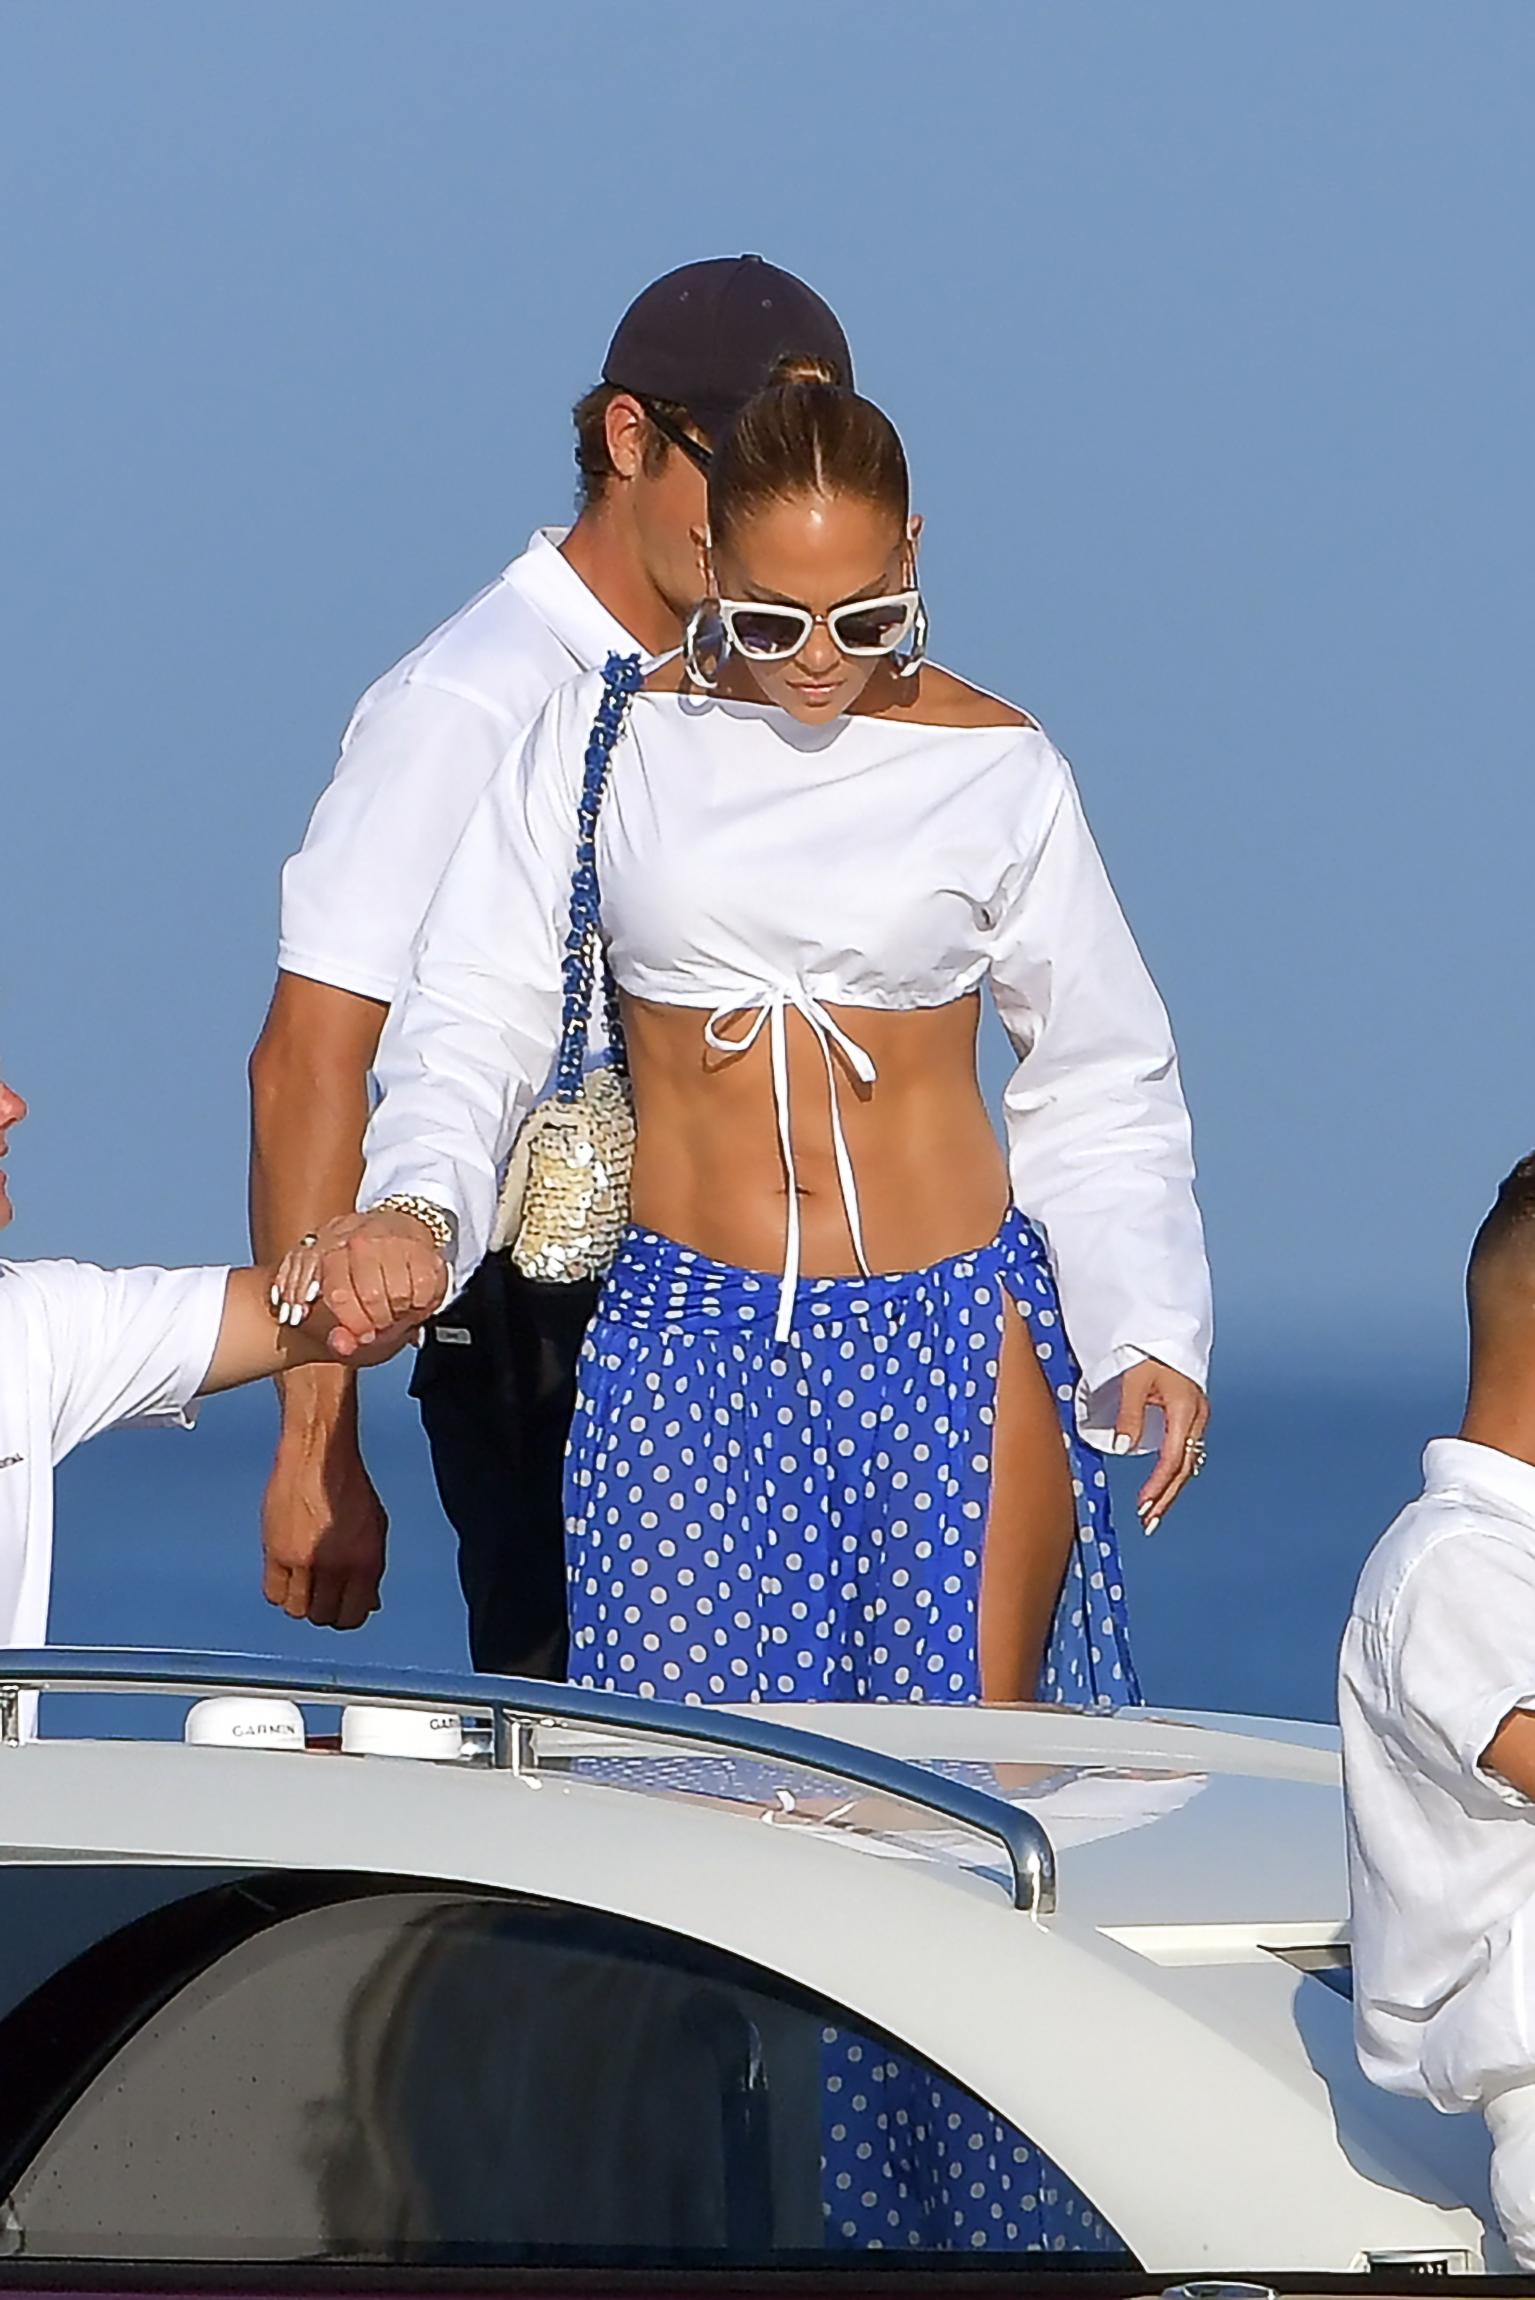 Megatähti oli valinnut ylleen luomuksen, joka paljasti Jenniferin timmiäkin timmimmän keskivartalon.